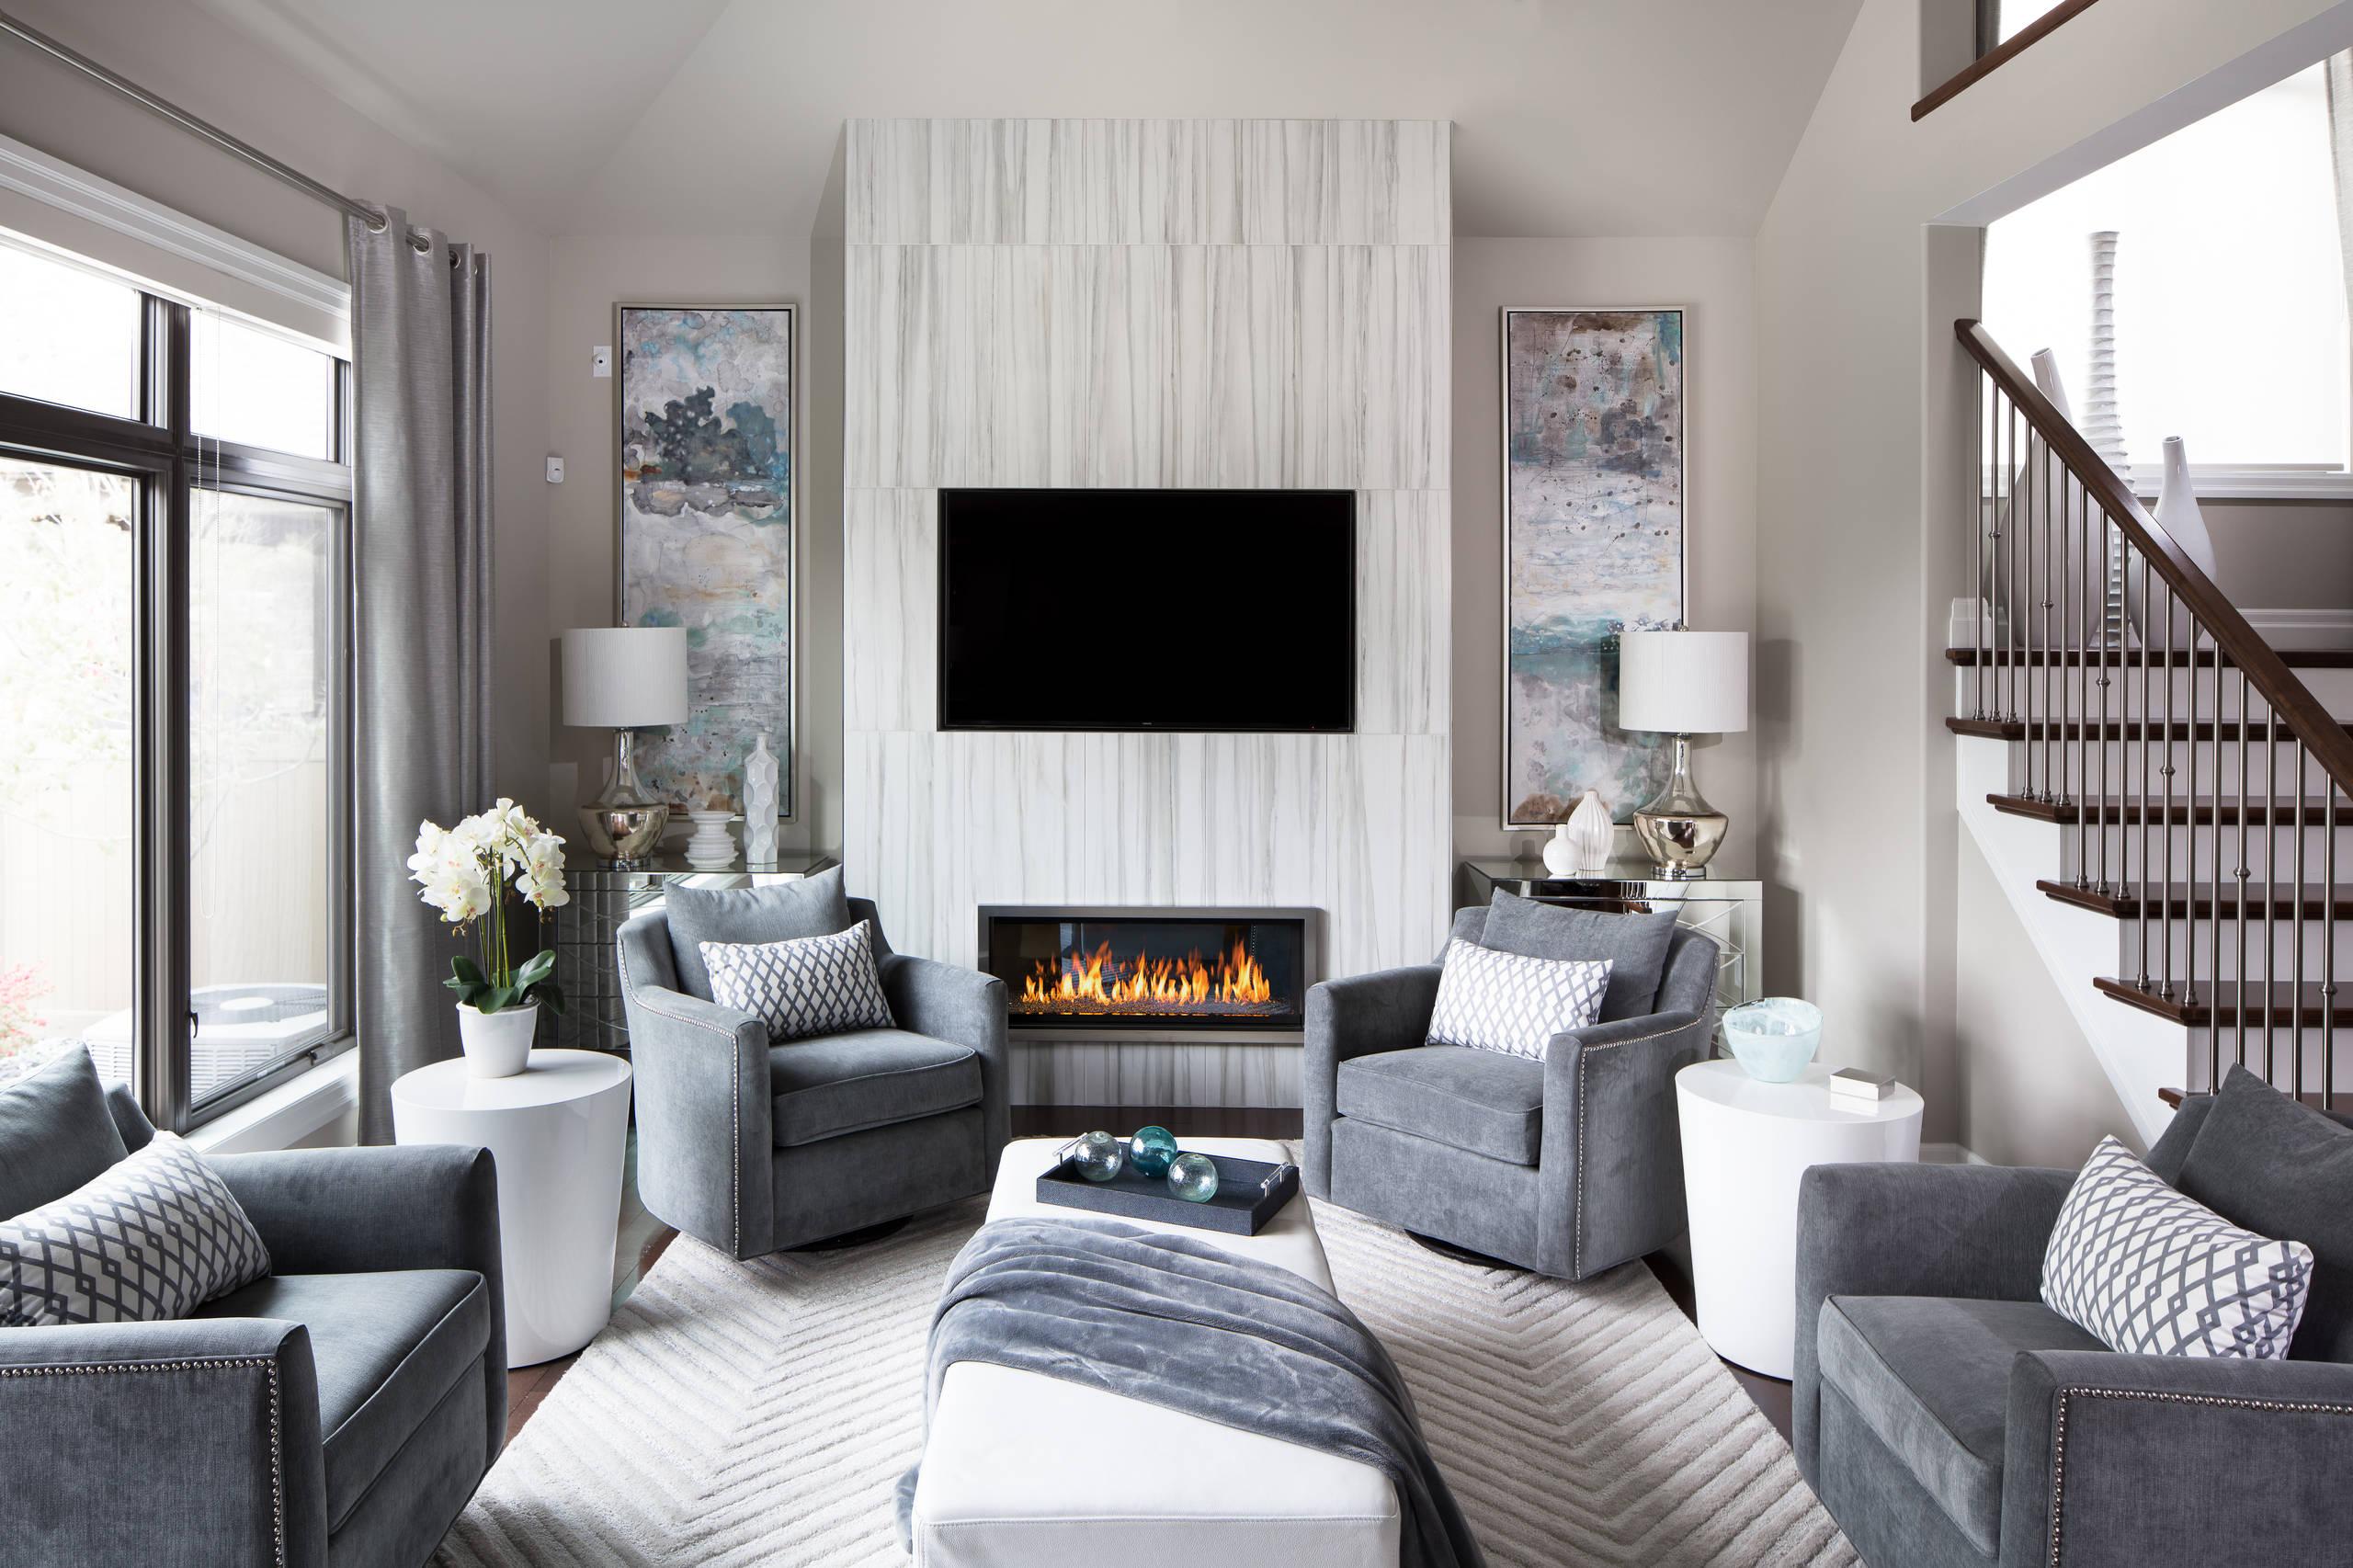 Dom uređen prema sivim tonovima boje